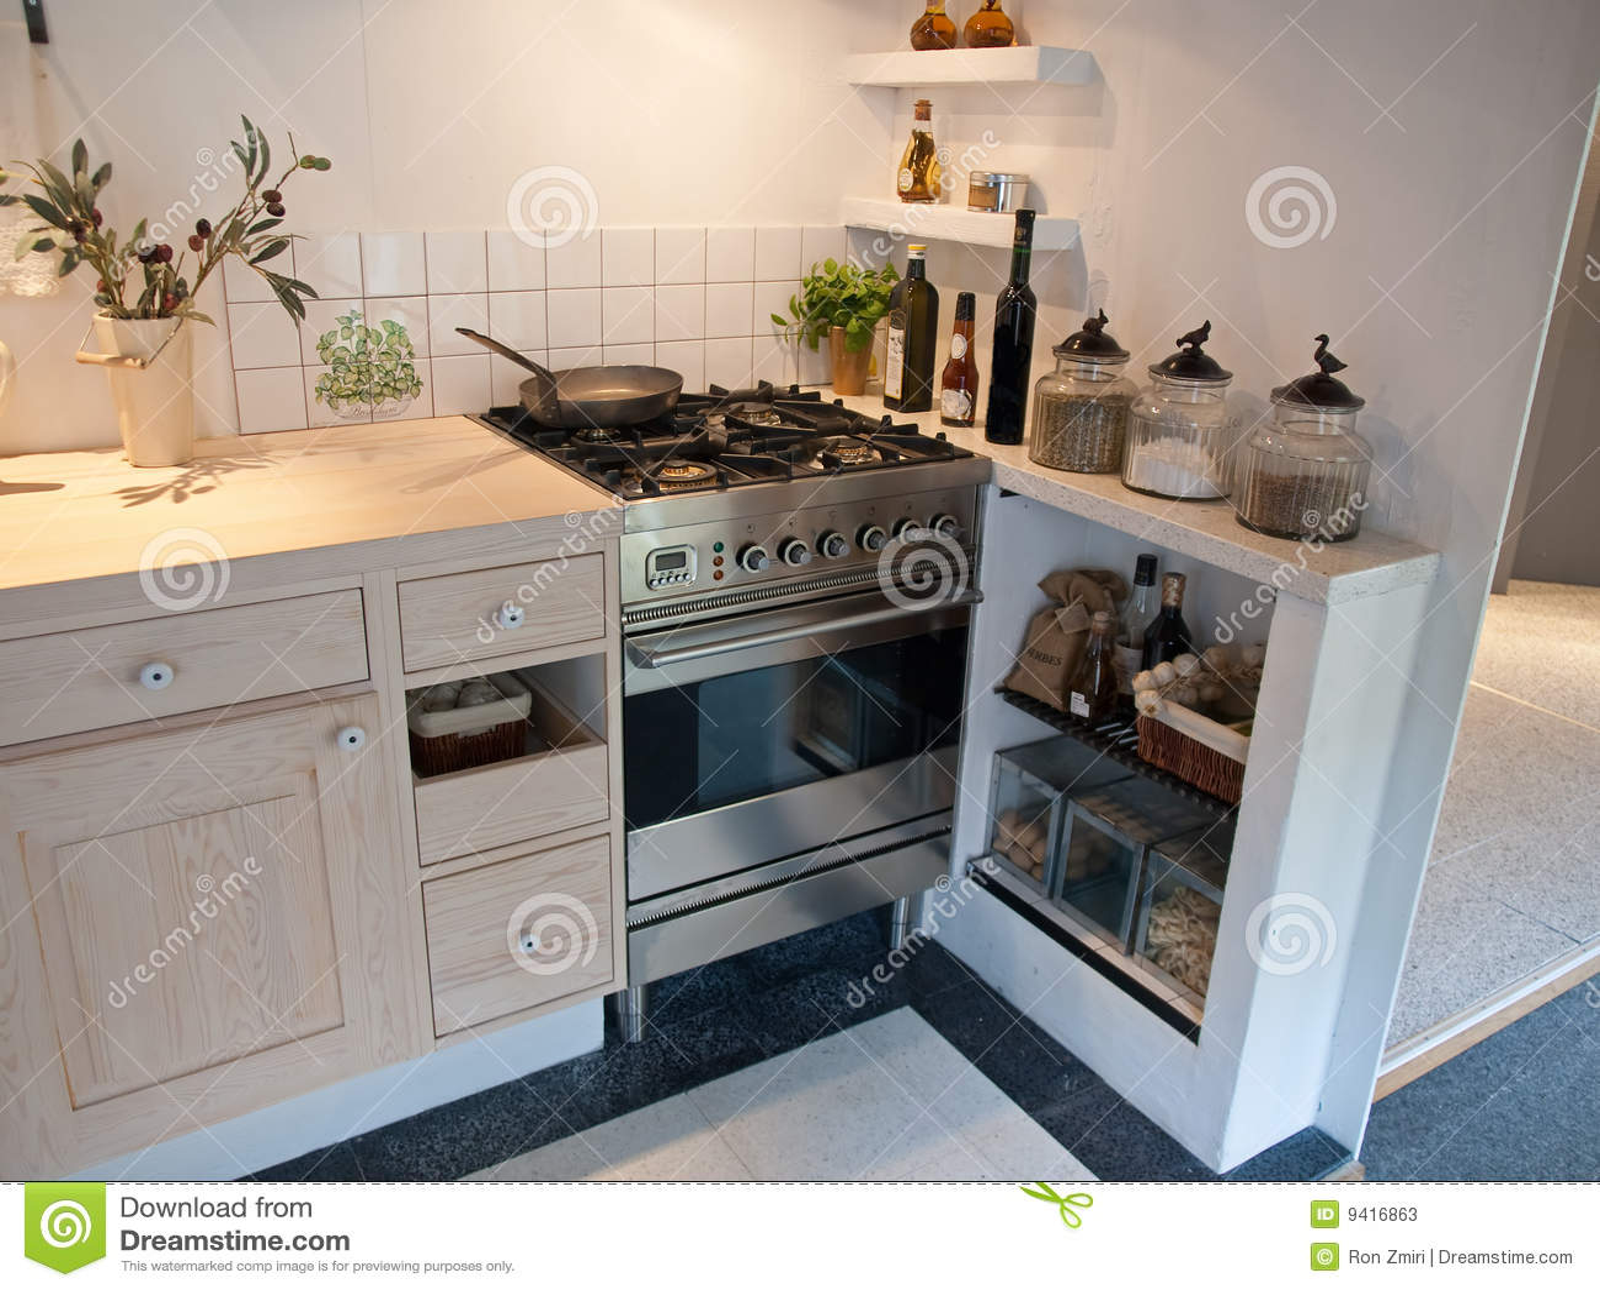 Ungewöhnlich Landartküche Bilder - Ideen Für Die Küche Dekoration ...